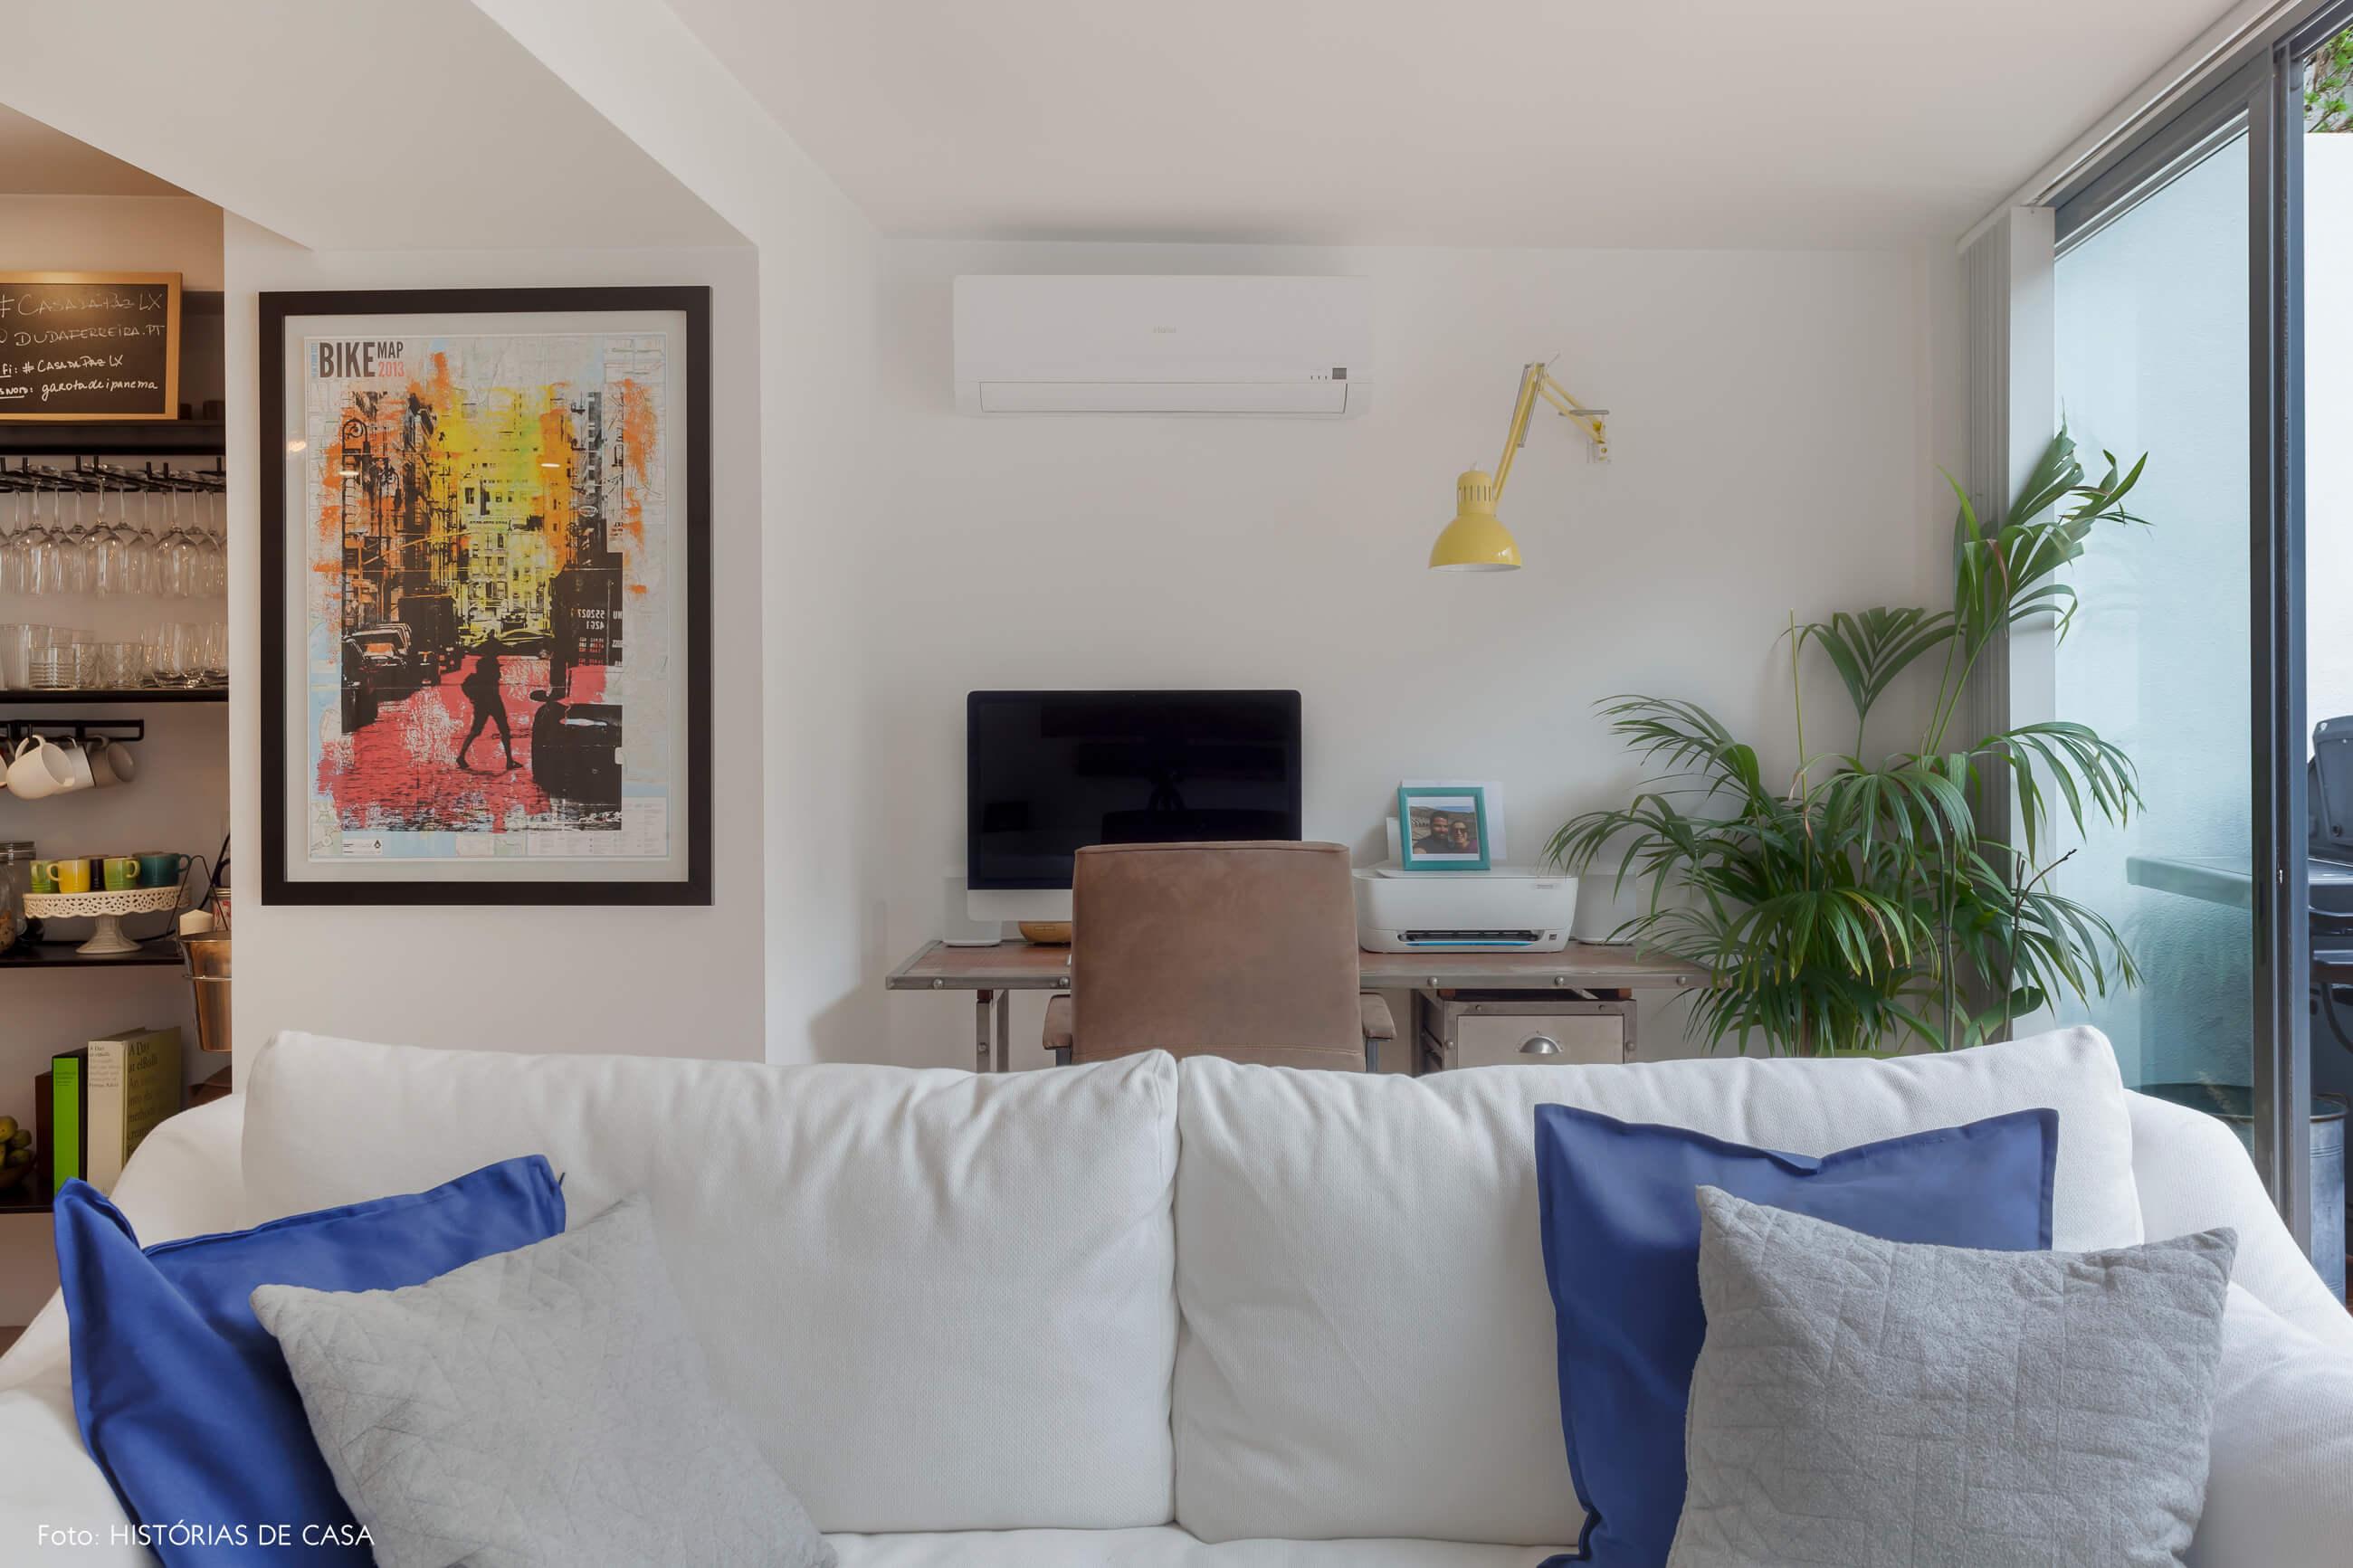 Apartamento em Lisboa no térreo com jardim